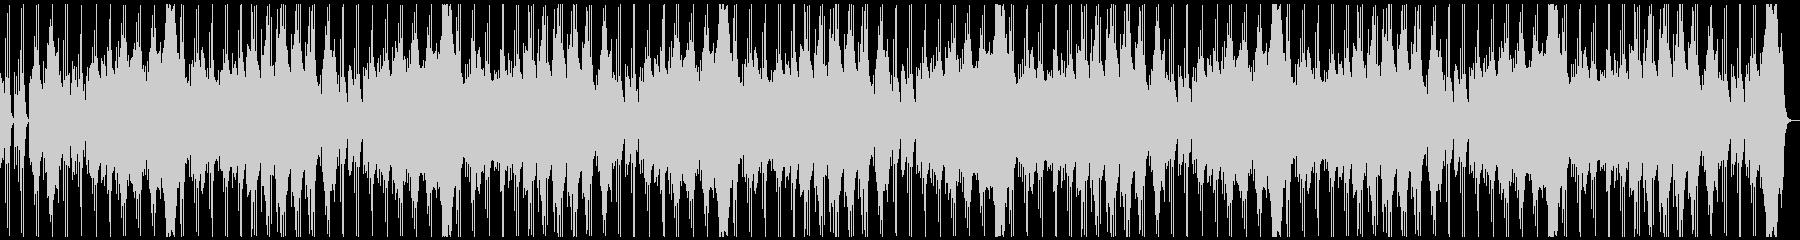 不気味に歪んだレトロな電子音のホラーLの未再生の波形